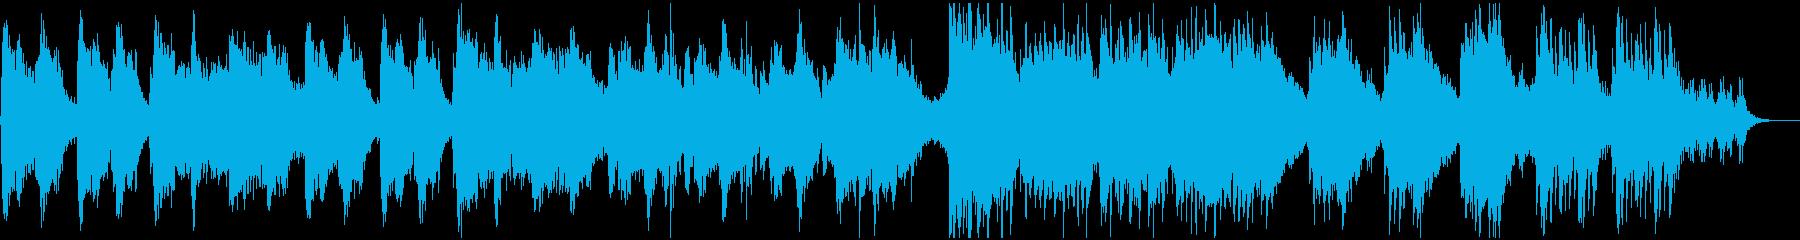 静かな和風ヒーリング・ループの再生済みの波形